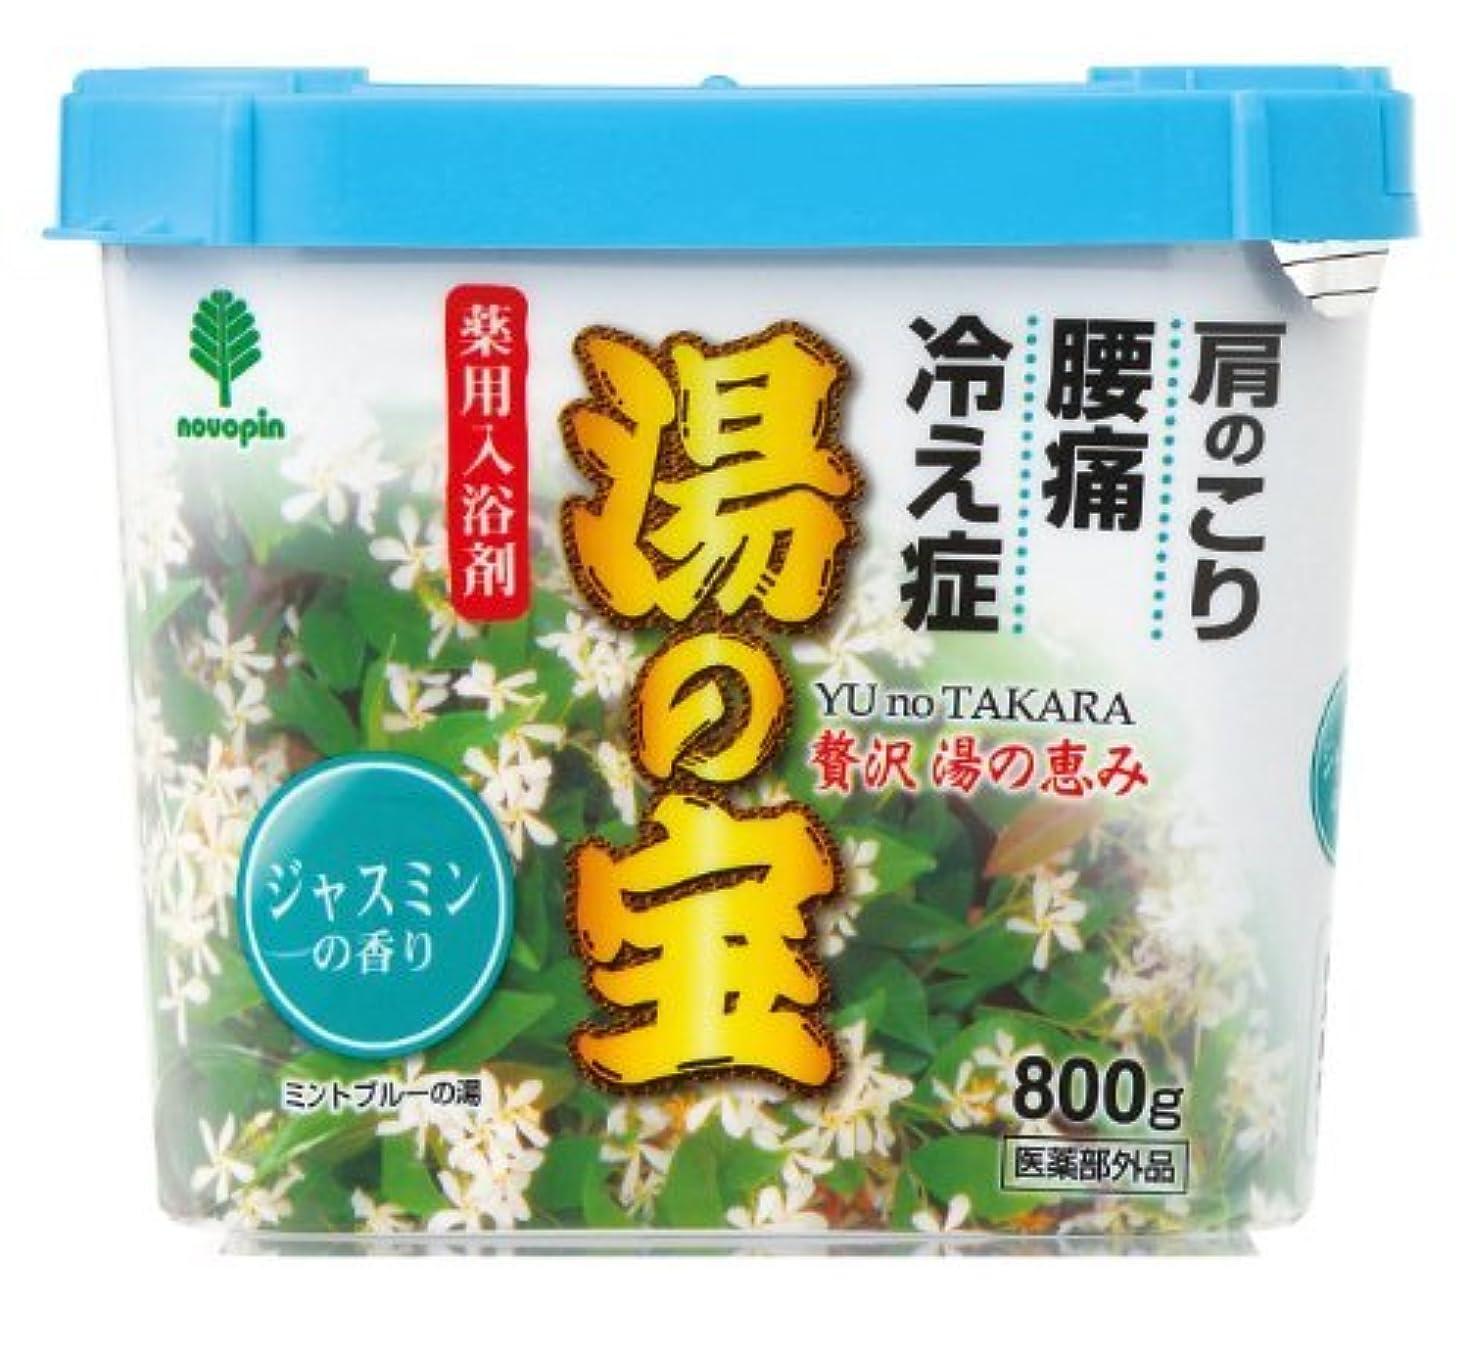 大混乱に勝るラブ紀陽除虫菊 湯の宝 ジャスミンの香り 800g【まとめ買い16個セット】 N-0056